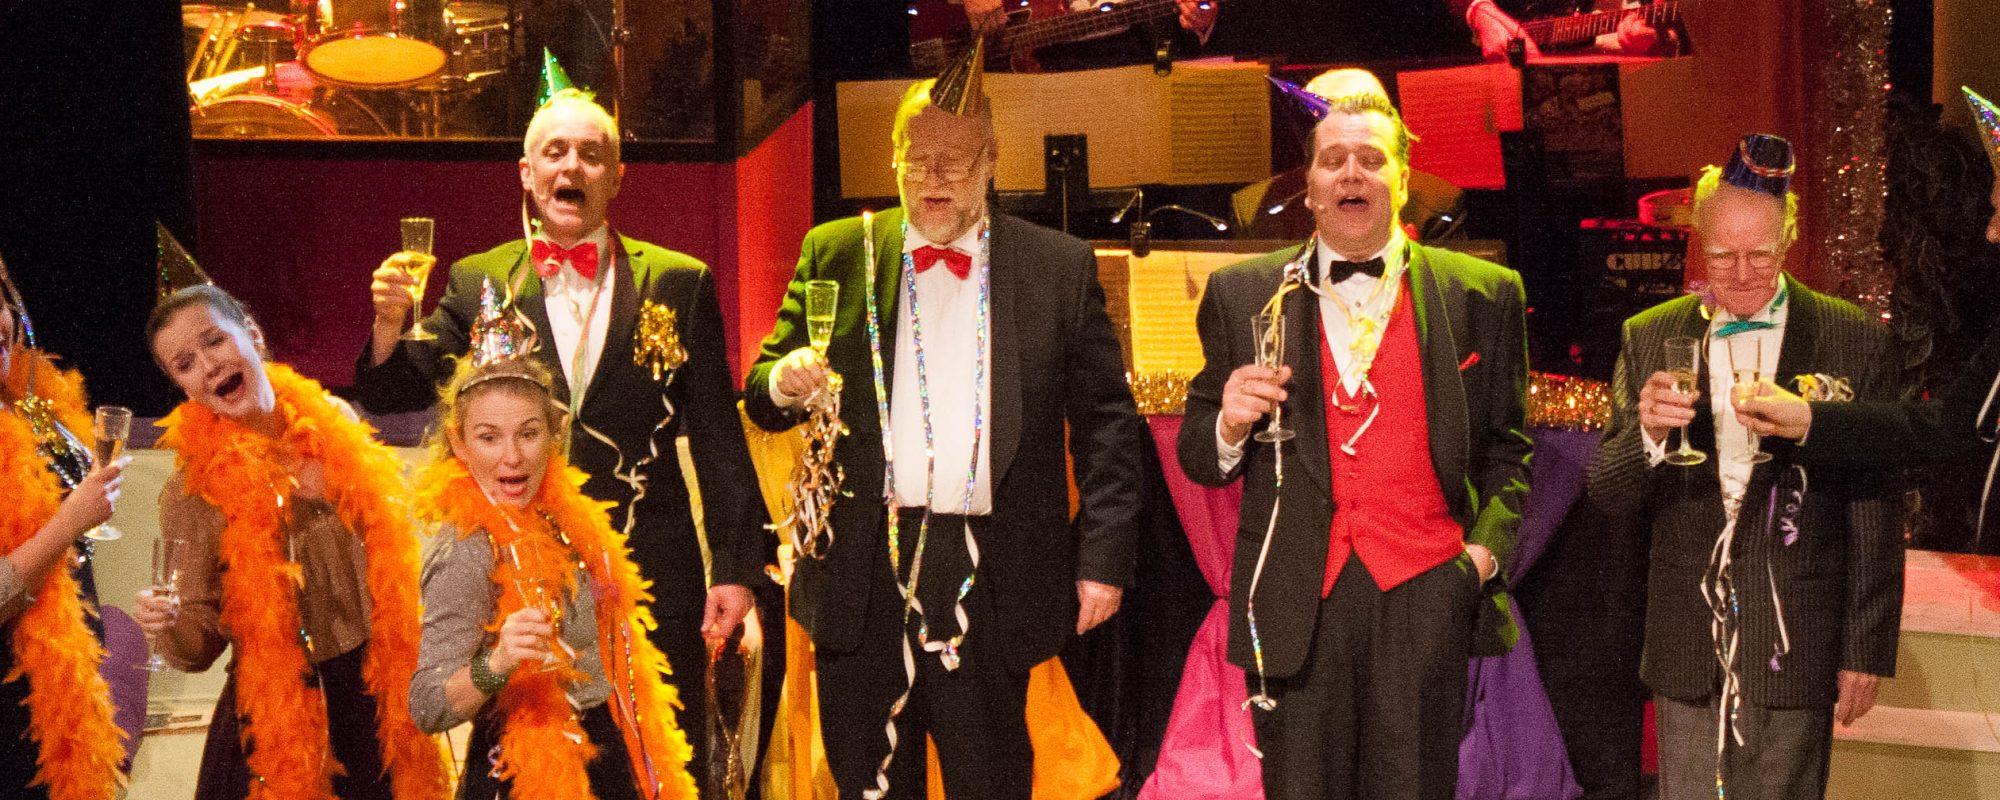 Nyårsrevyn Tilltrasslat Globenteatern Teaterns Hus i Linköping